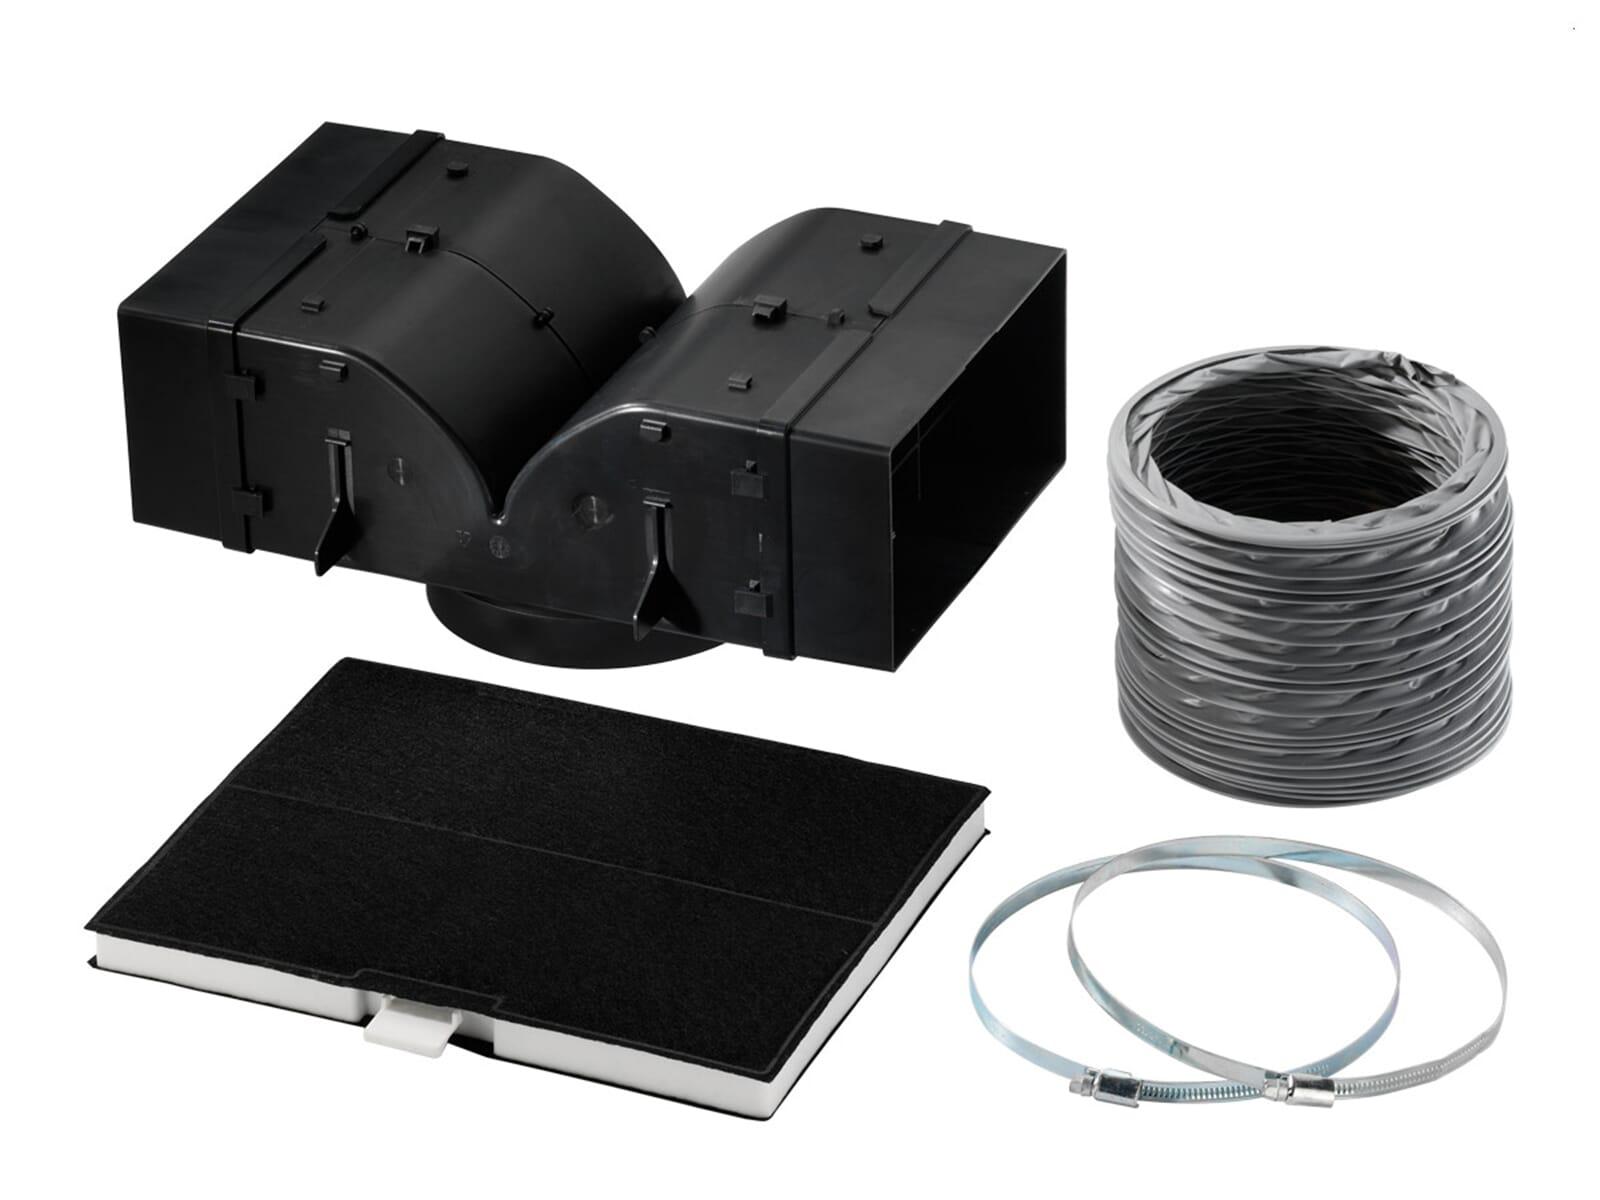 bosch dhz5345 umluft starter set. Black Bedroom Furniture Sets. Home Design Ideas